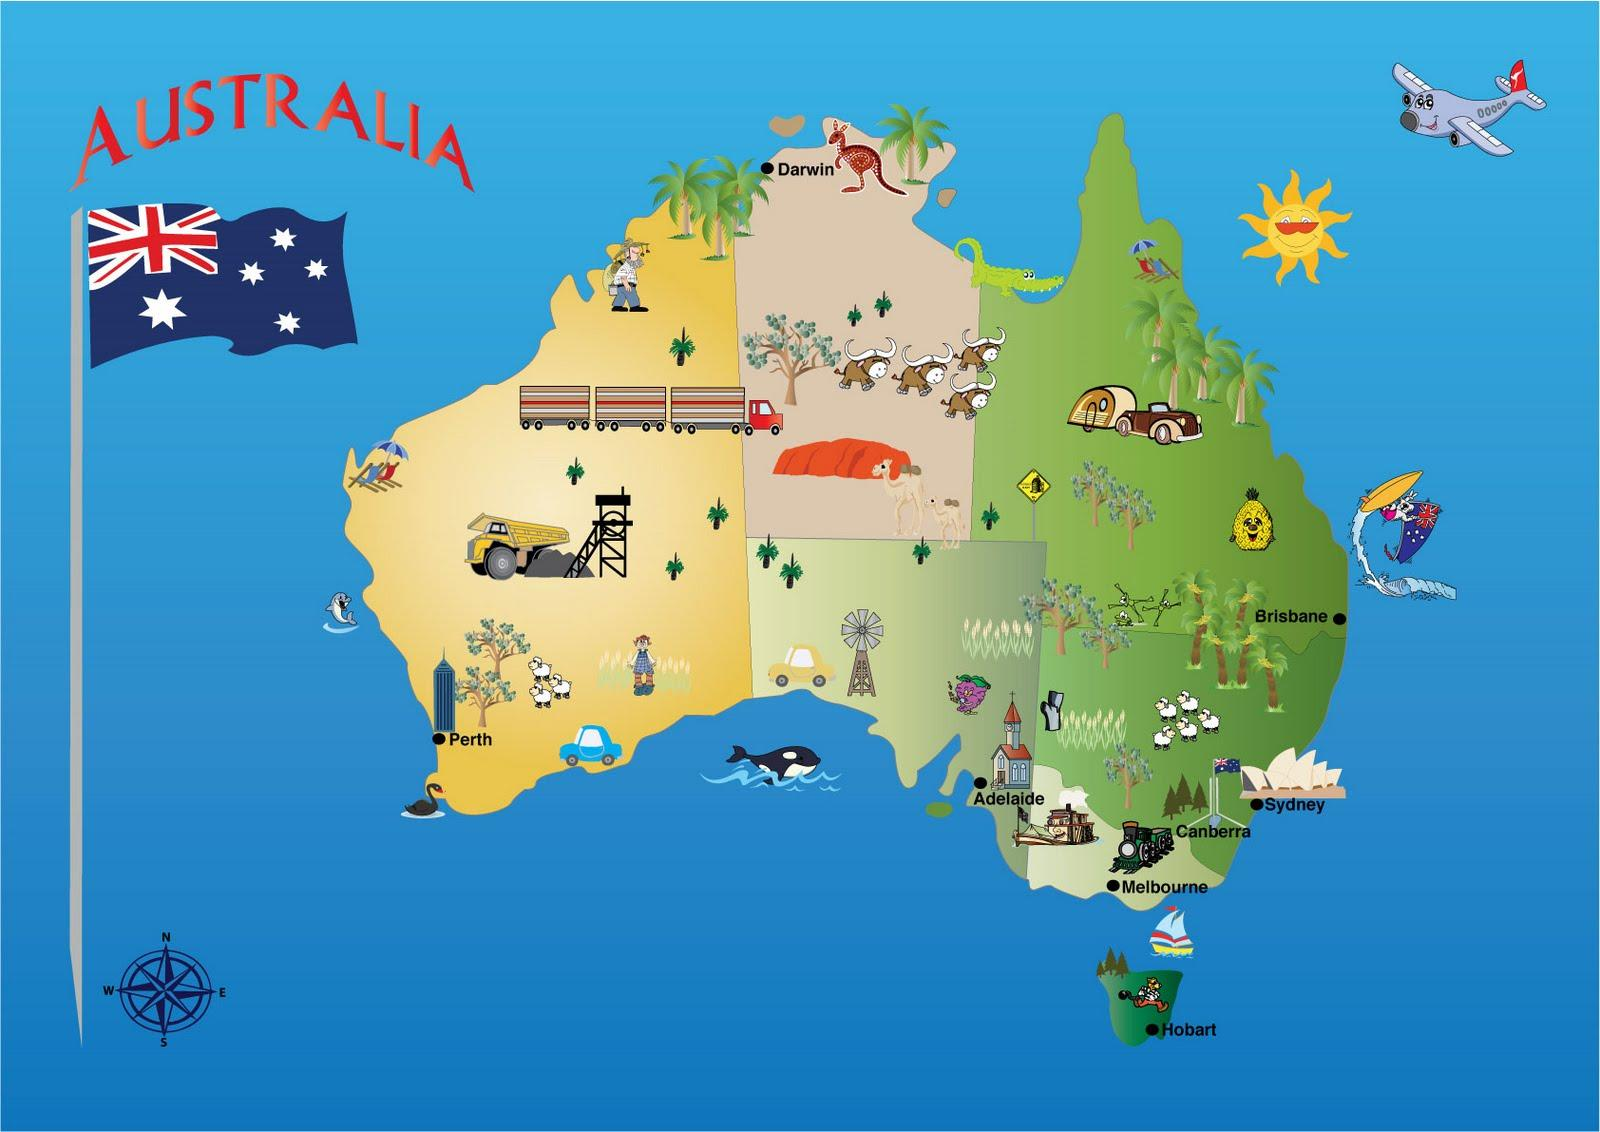 澳大利亚的旅游景点的地图-澳大利亚地图的旅游景点(澳大利亚和新西兰--大洋洲)